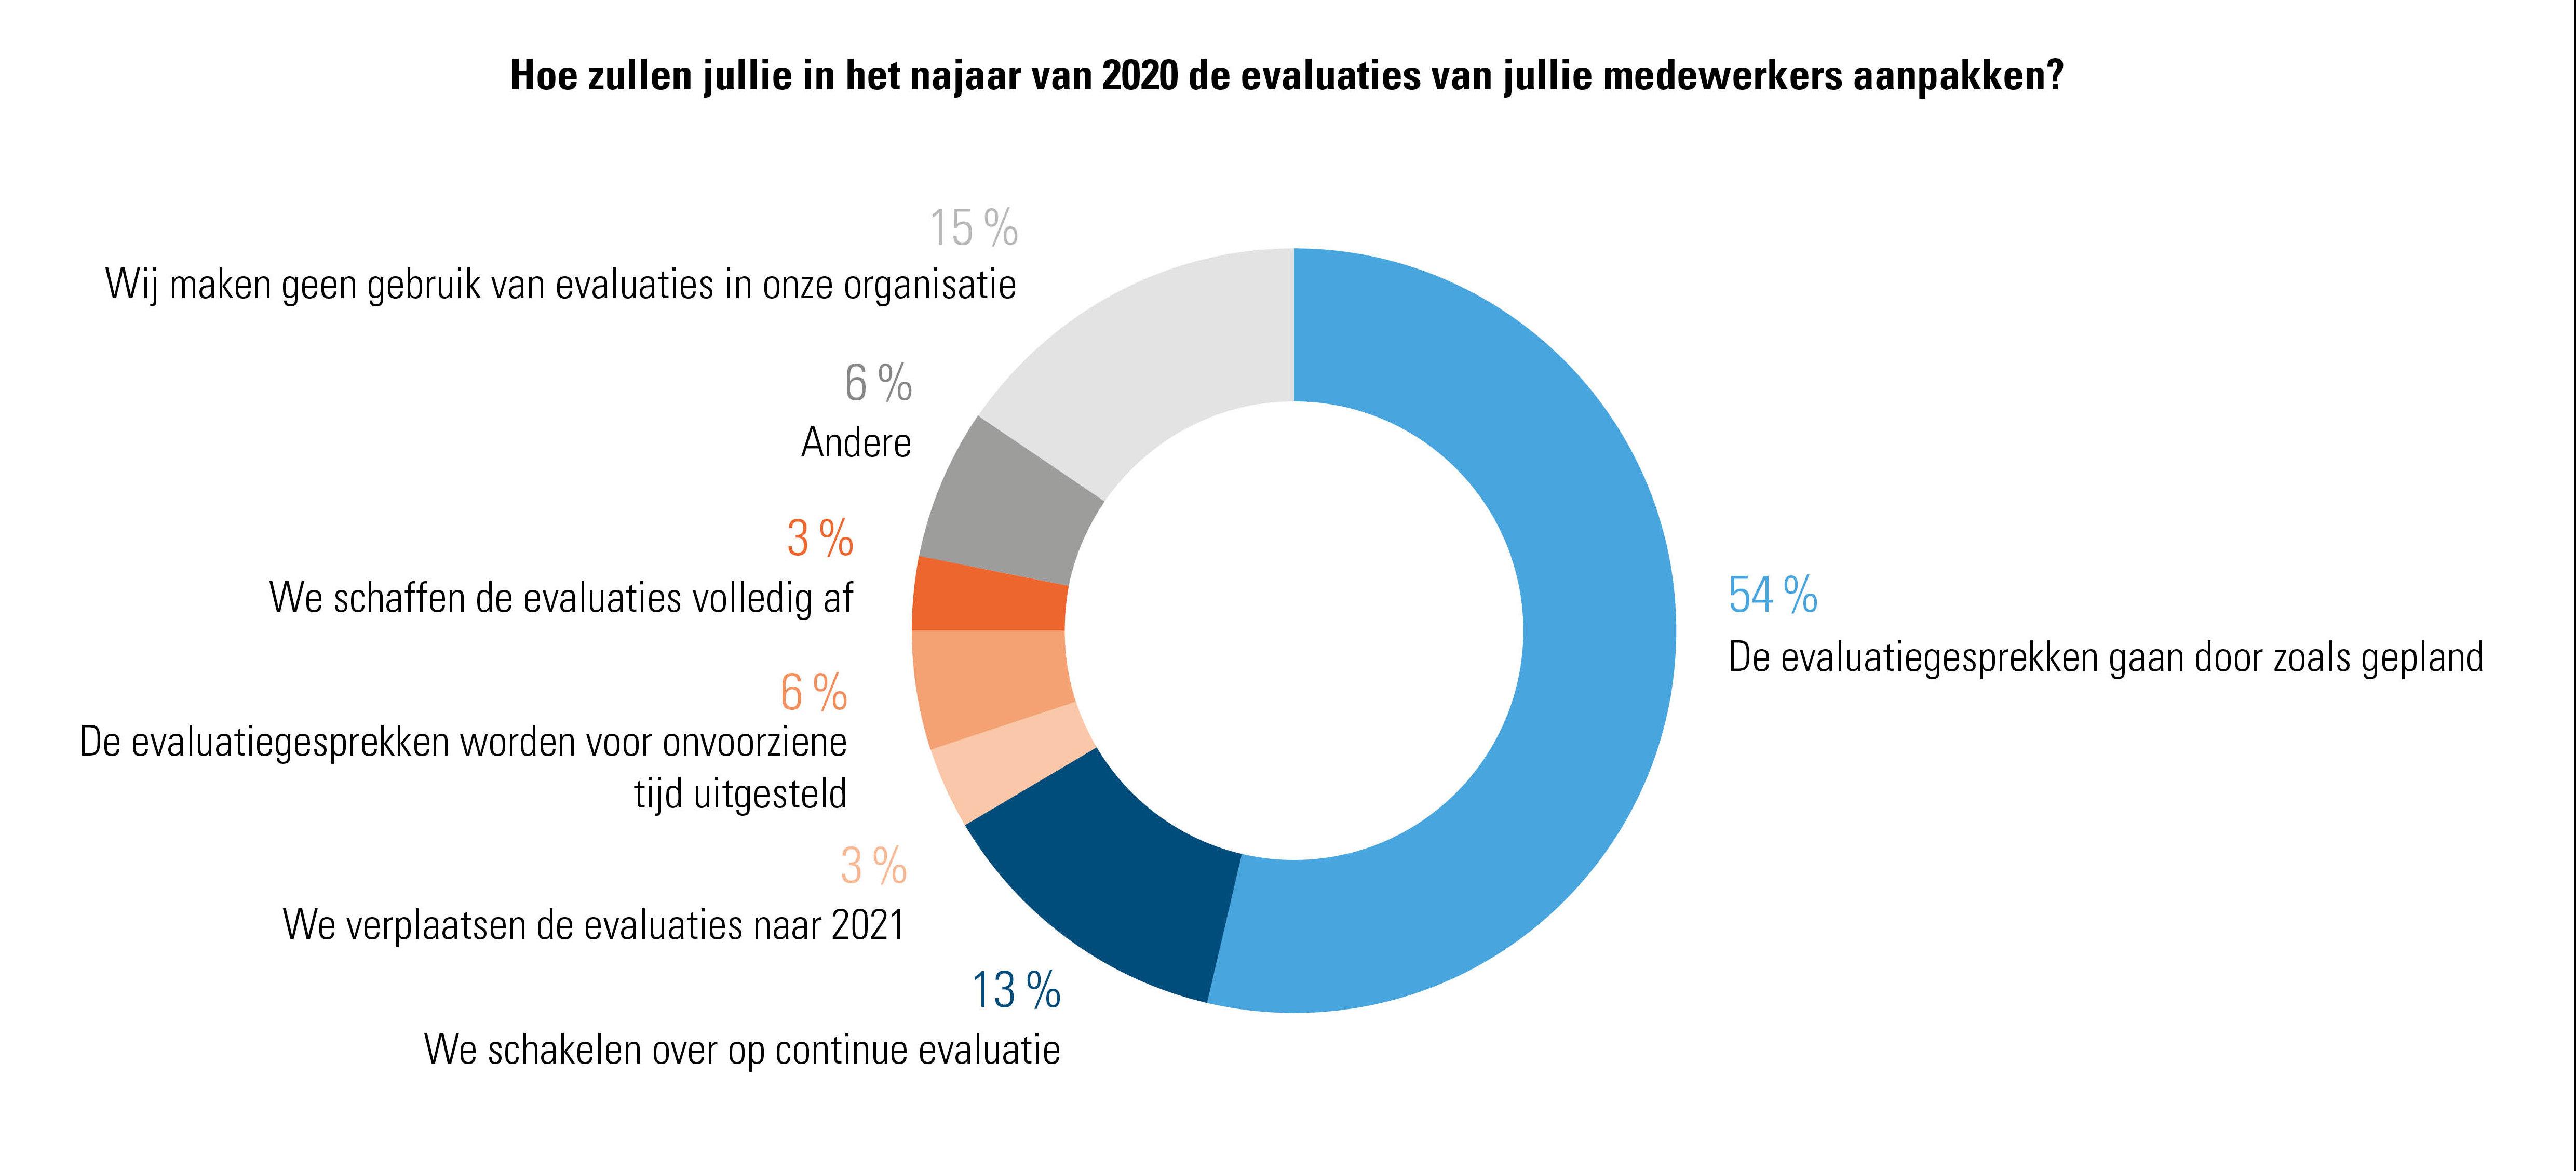 Hoe zullen werkgevers hun werknemers in 2020 evalueren?